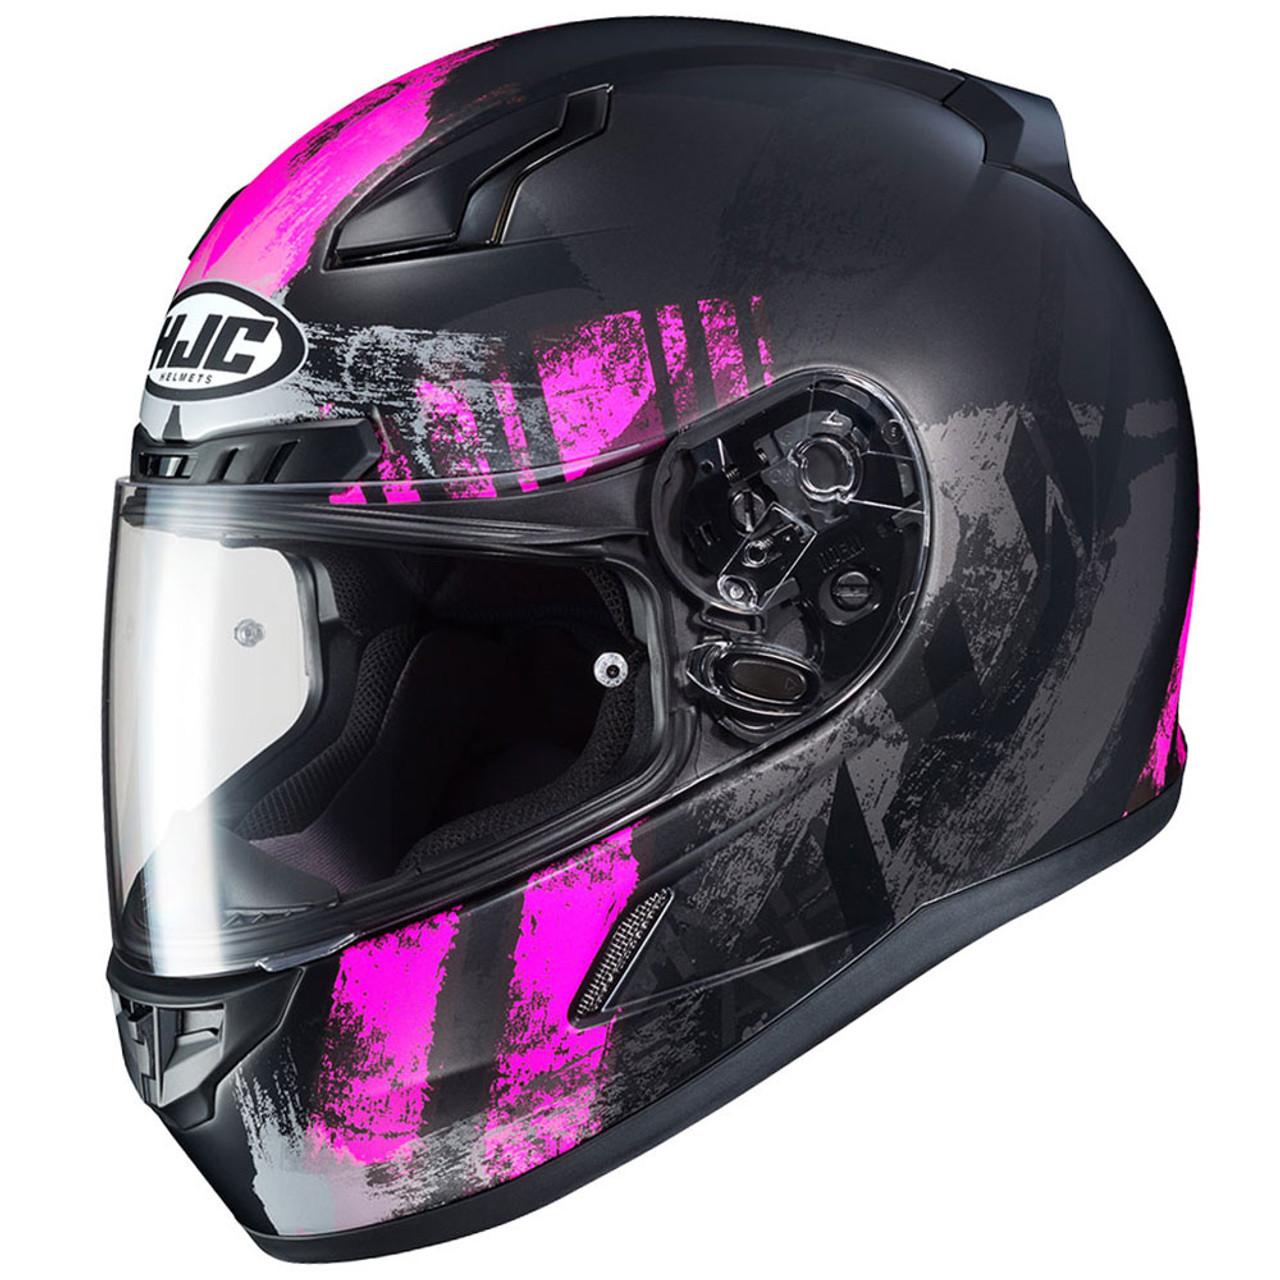 6ae7fca97 HJC CL-17 Arica Black Pink Helmet - Get Lowered Cycles